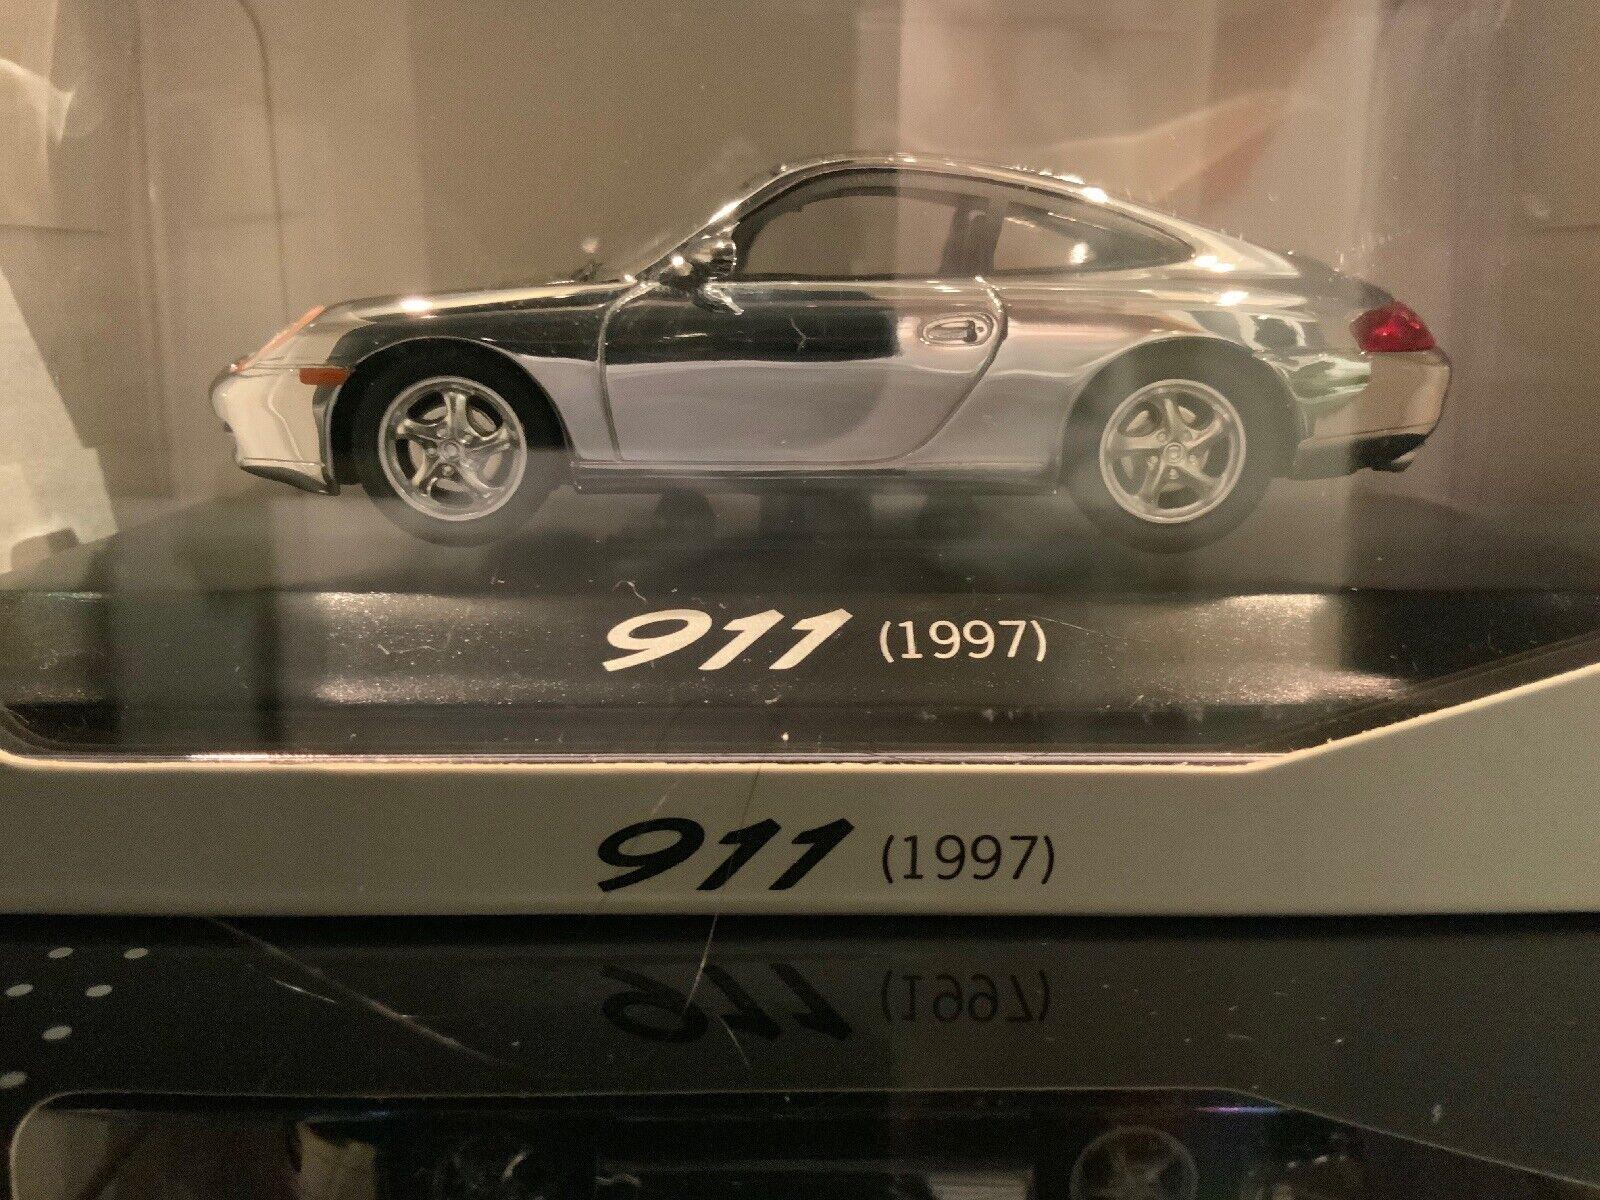 alta calidad general Porsche 911 (1997) Limited Edition 40 años 911 911 911 Minichamps 1 43 nuevo embalaje original  Entrega rápida y envío gratis en todos los pedidos.